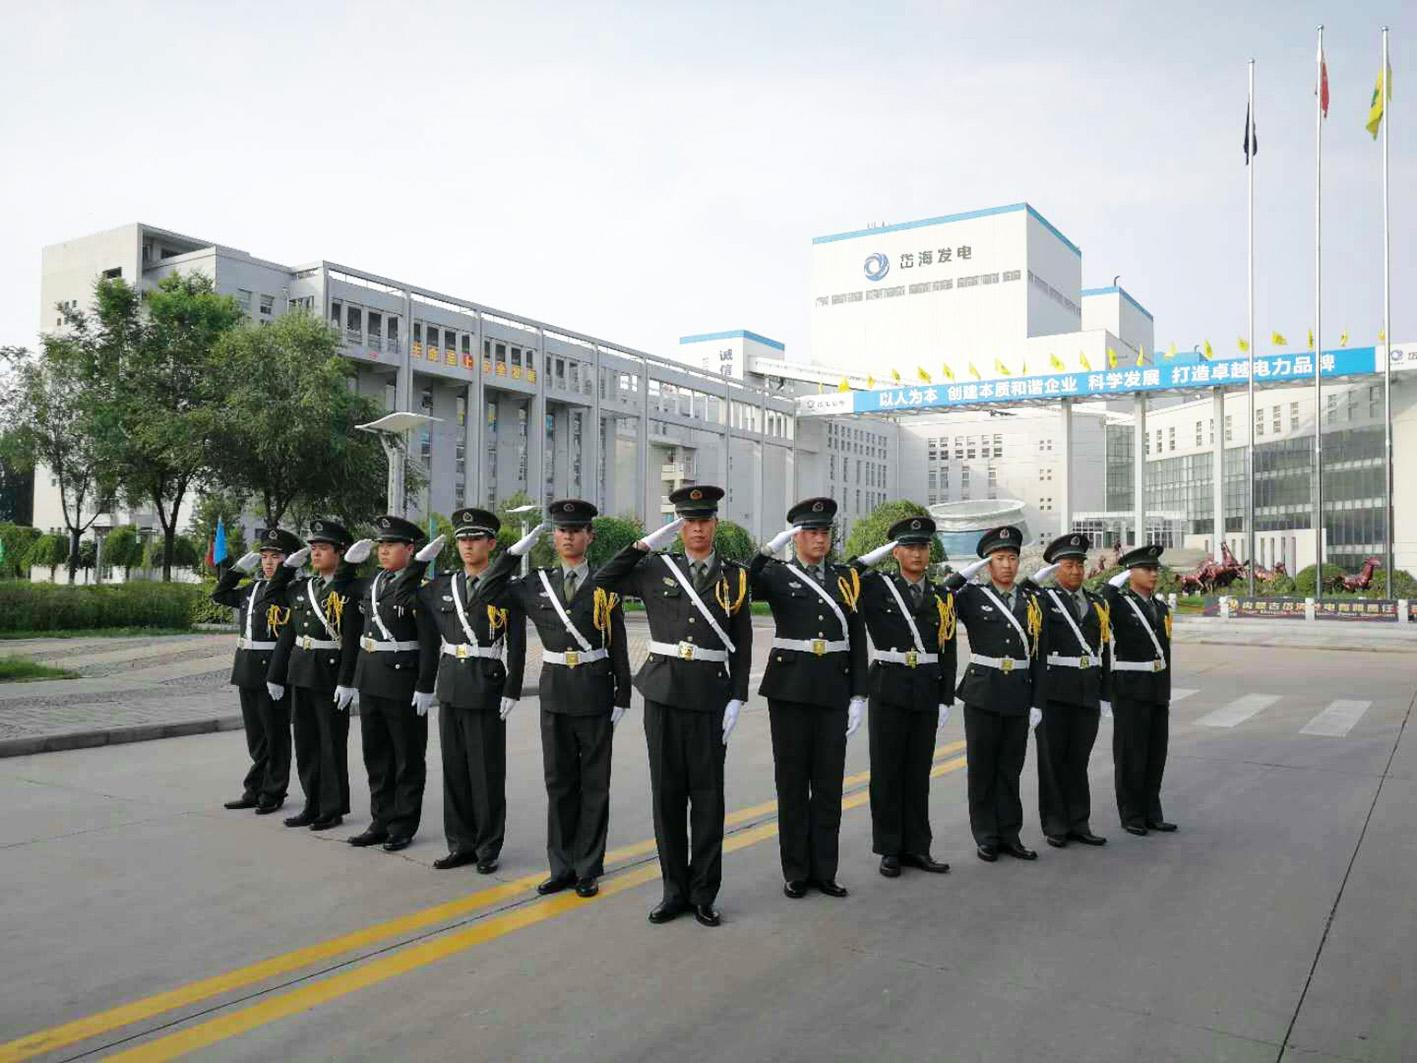 升旗仪式︱岱海项目组建了一支国旗护卫队